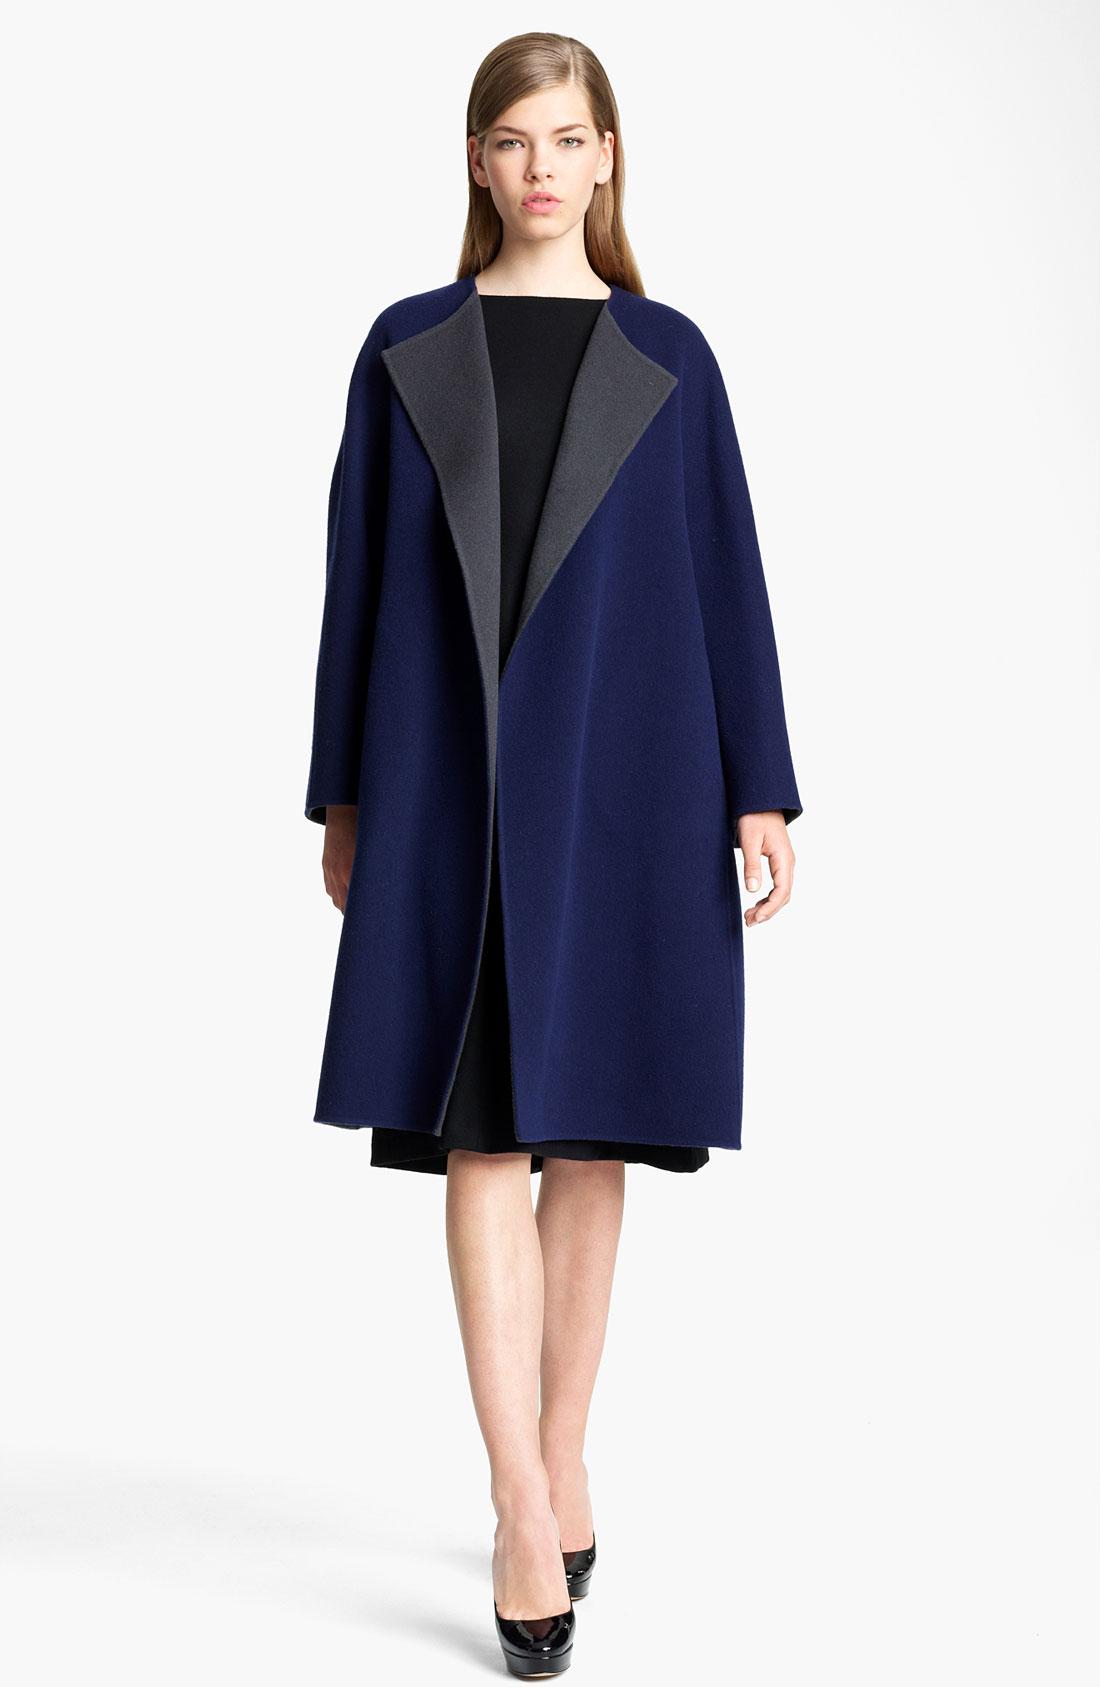 Jil sander Two Tone Soft Wool Cocoon Coat in Blue